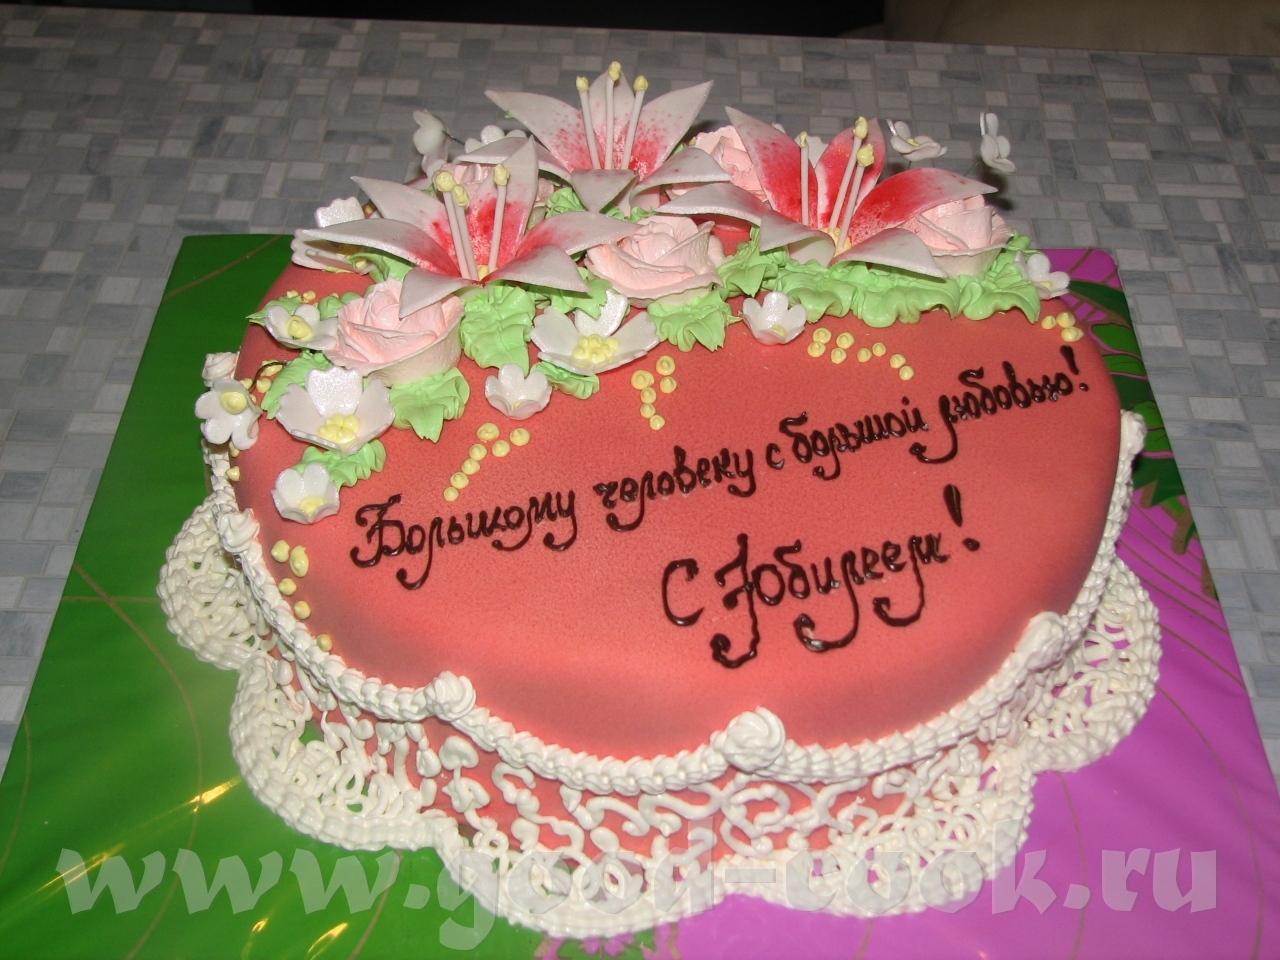 Текст поздравления торте с днем рождения